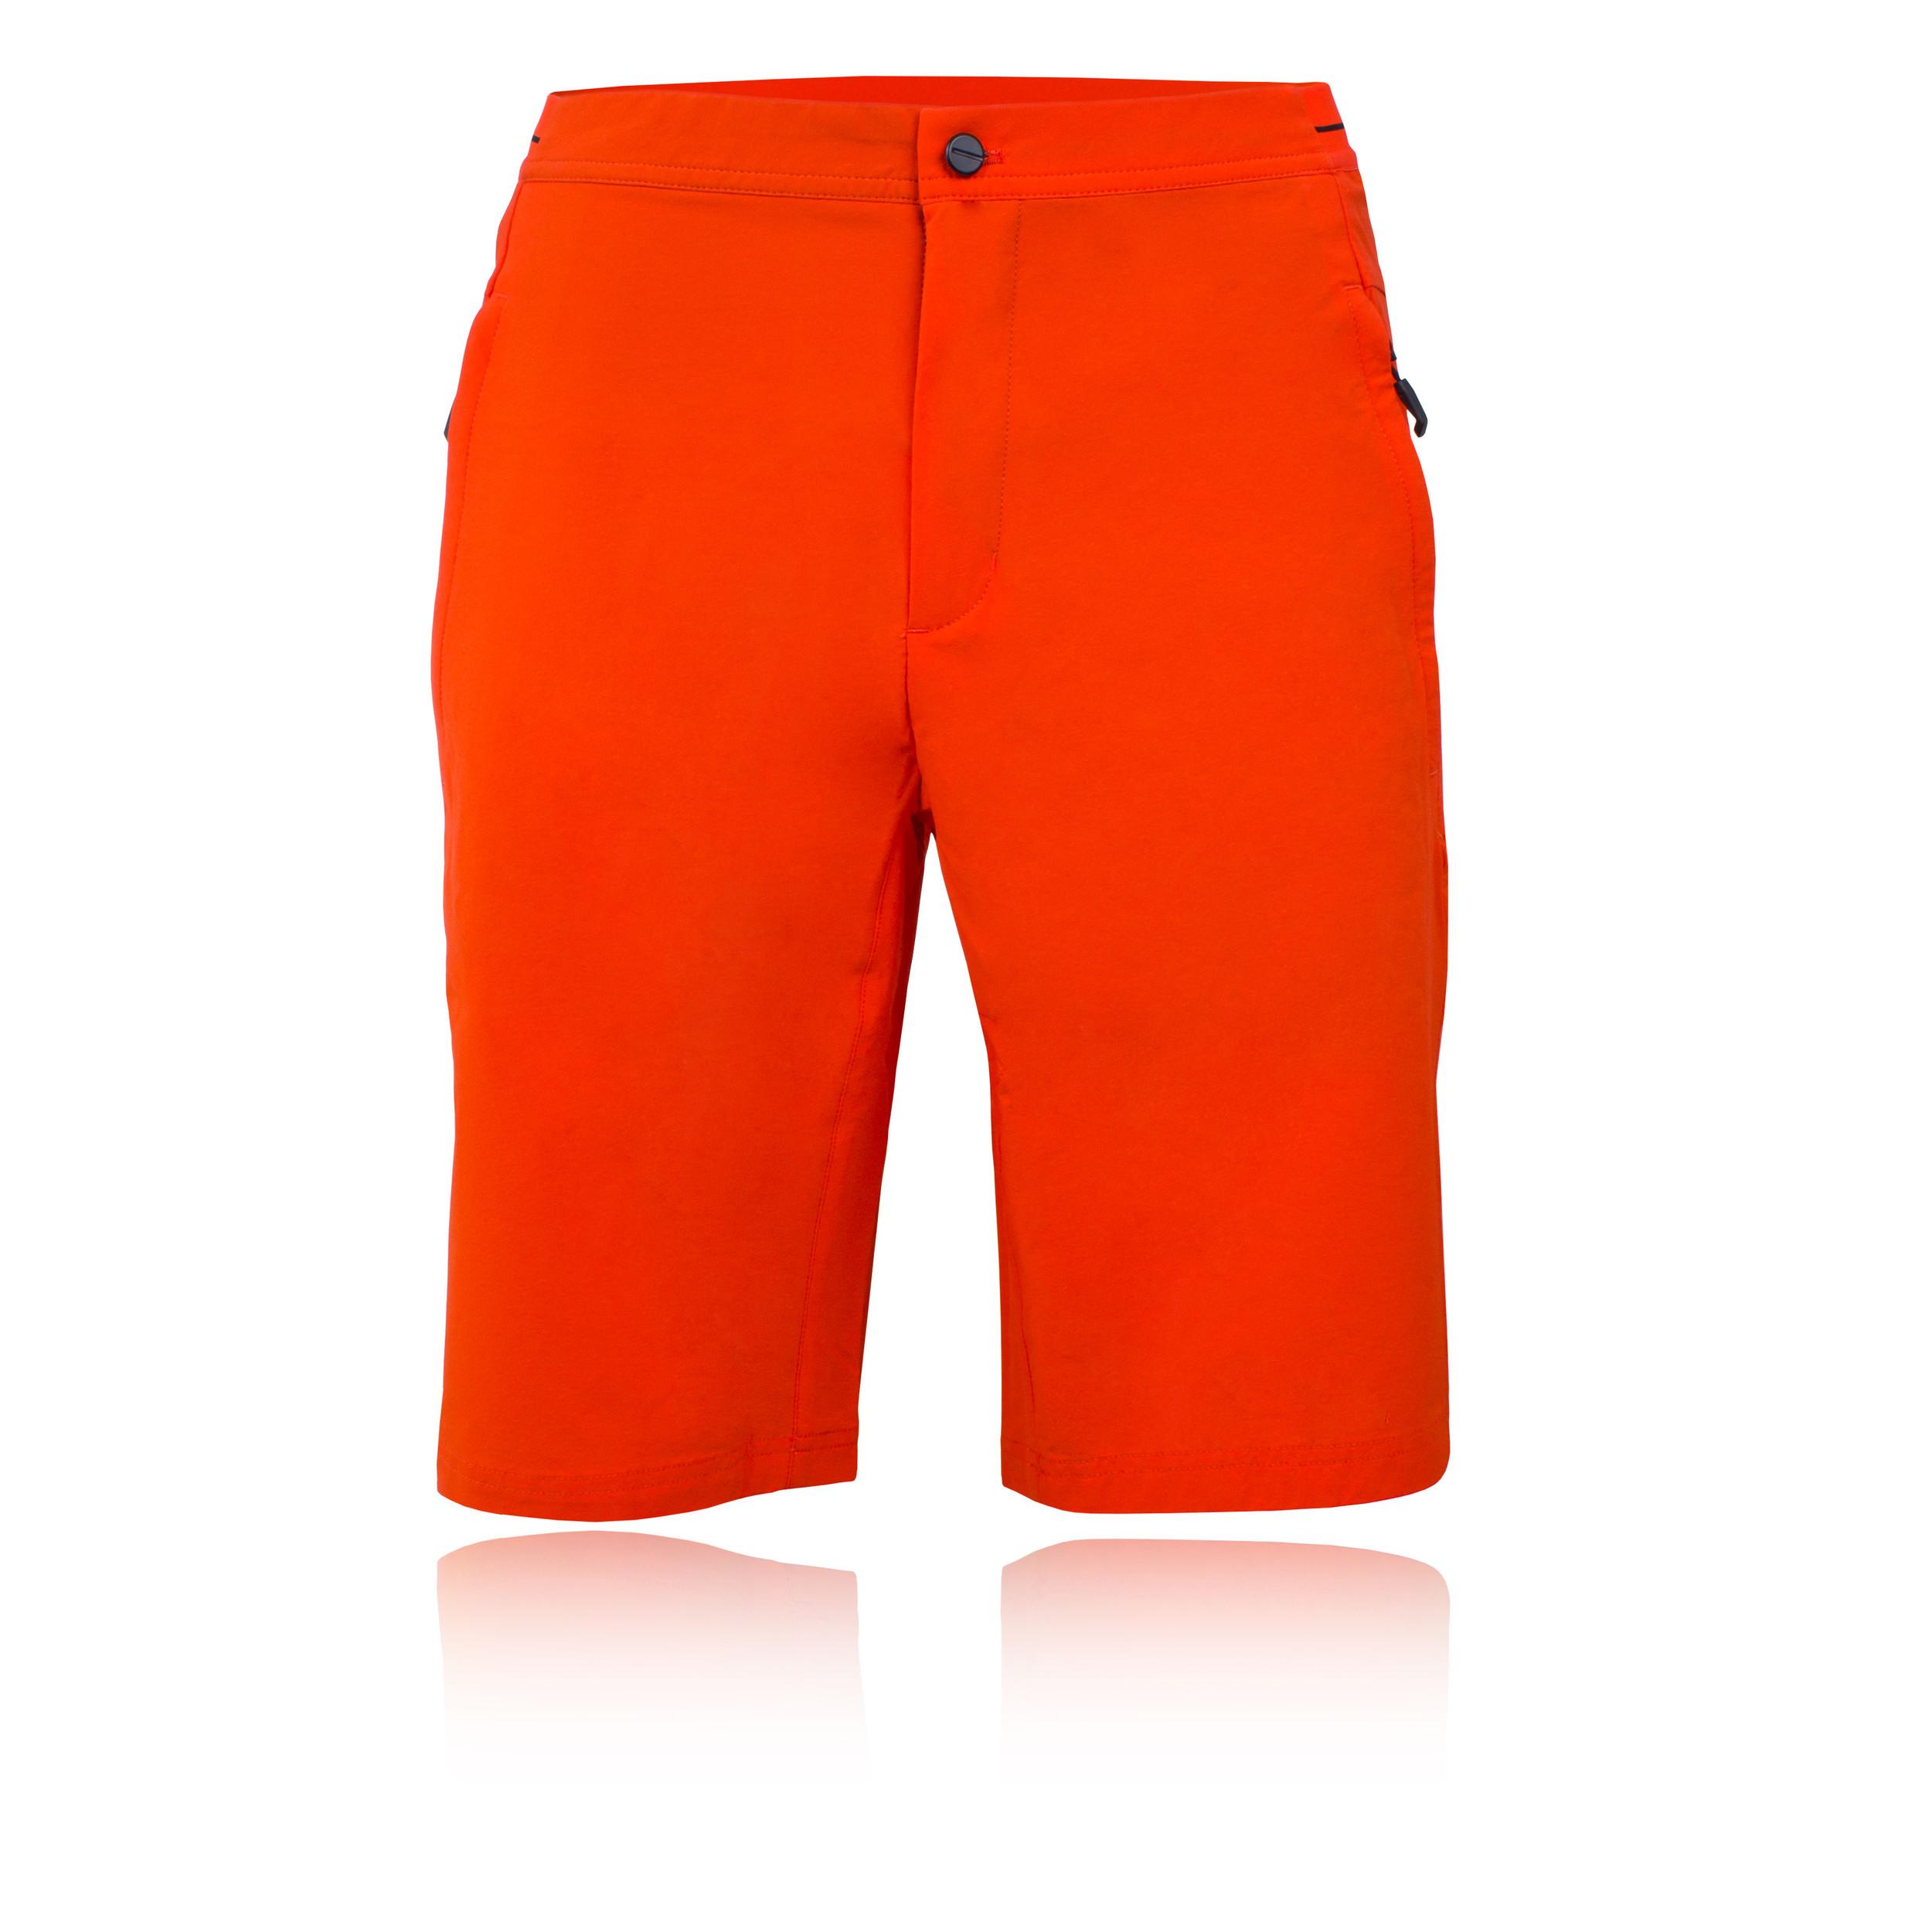 Kurze hose herren orange